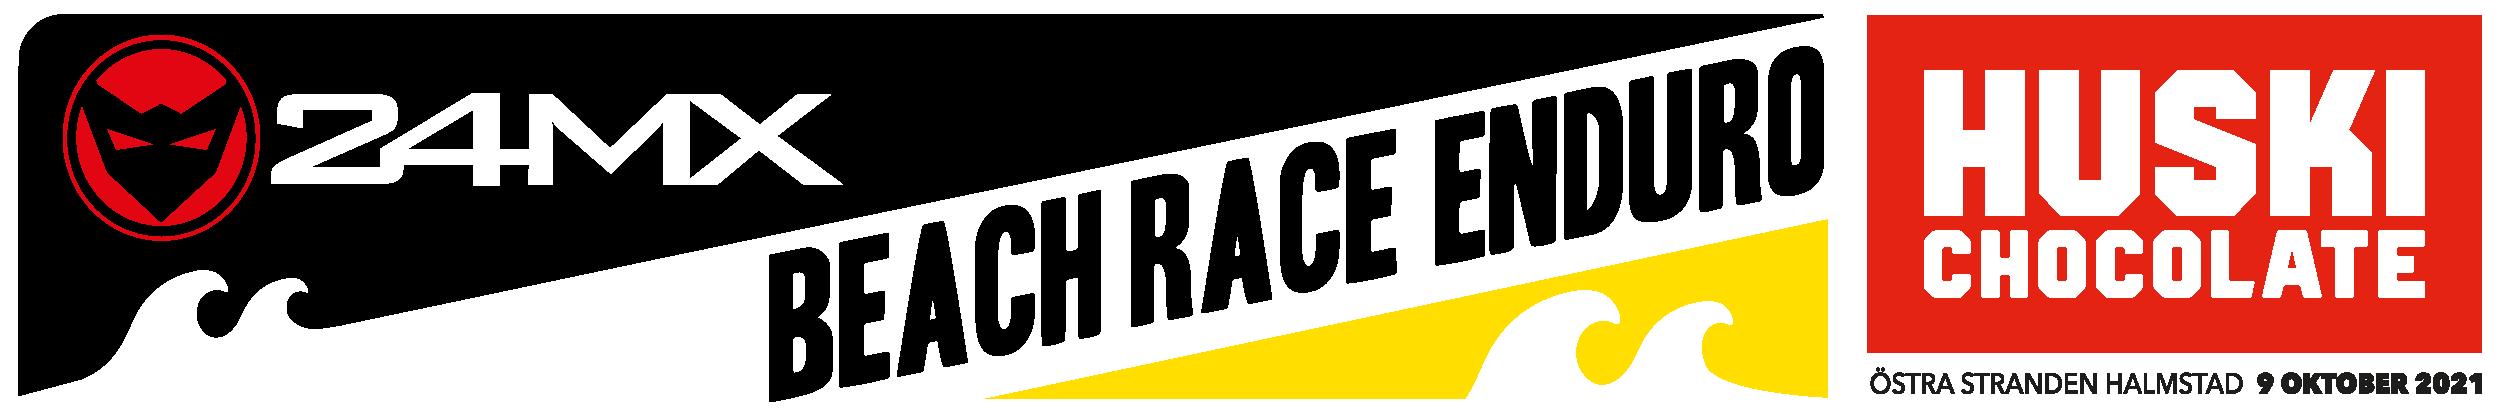 BEACH RACE ENDURO